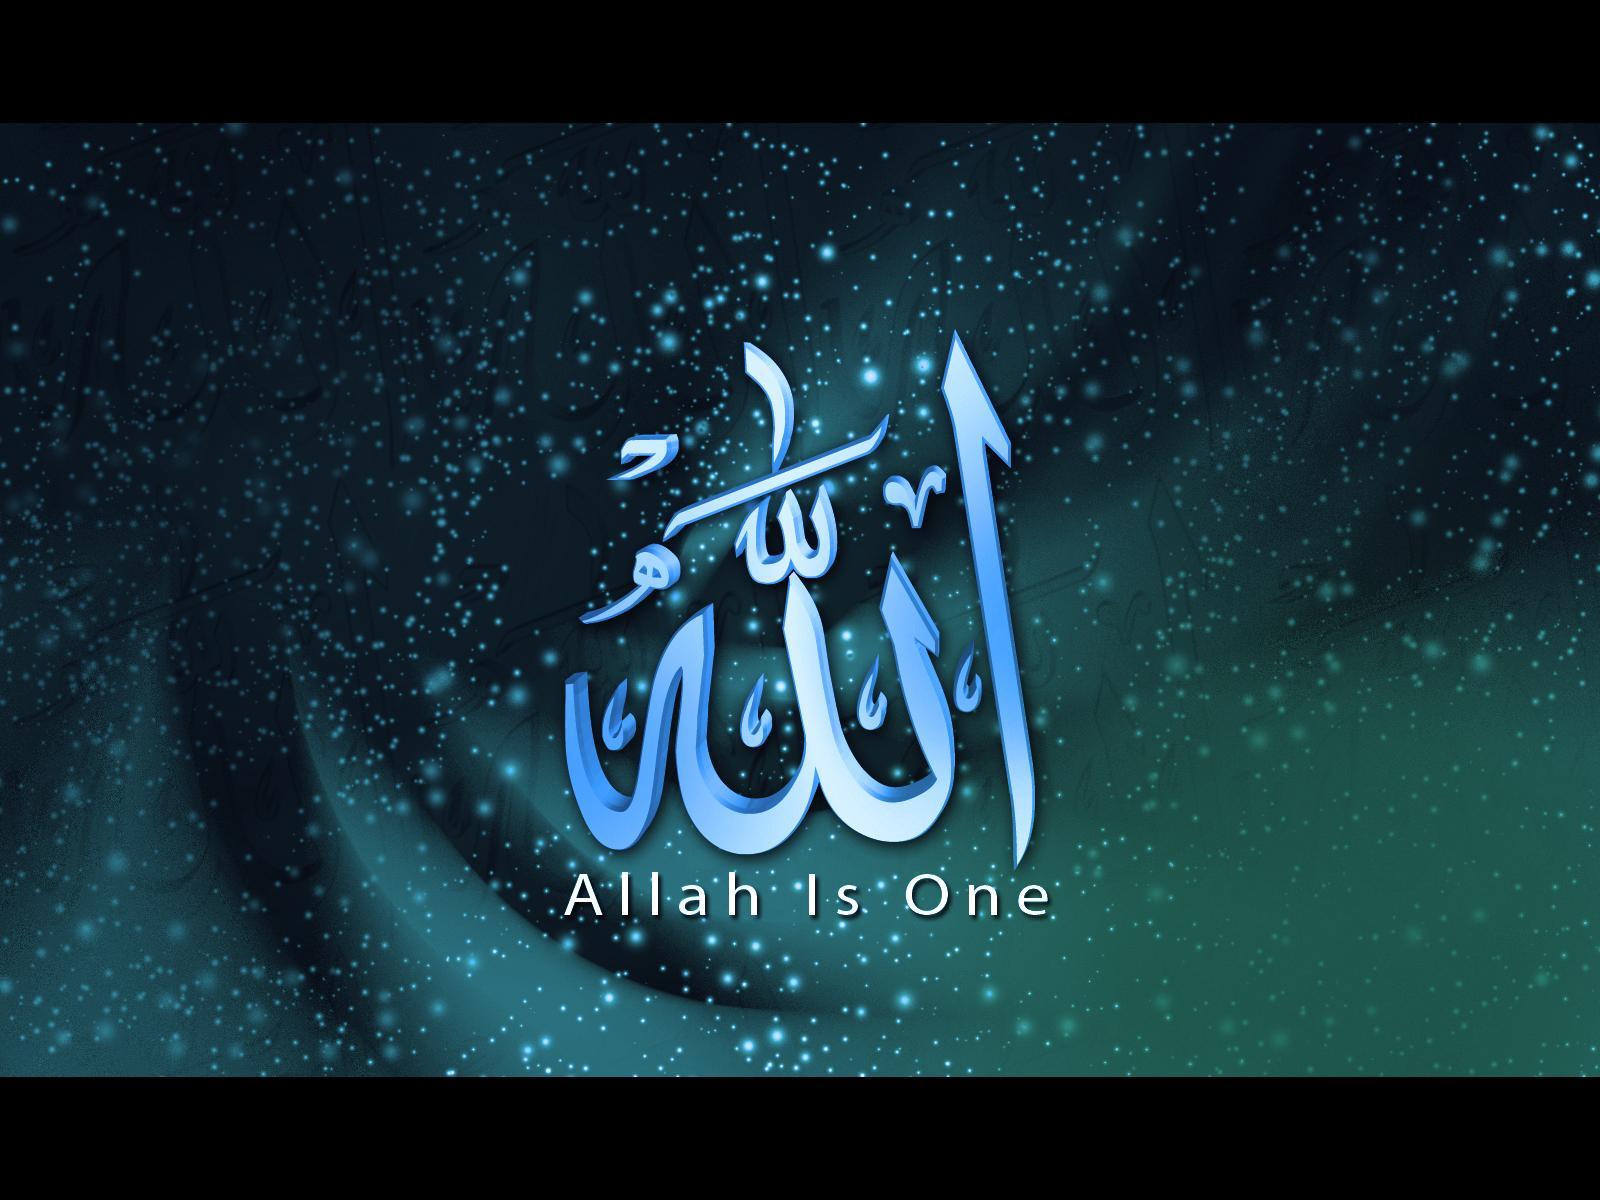 http://1.bp.blogspot.com/-r_rbhTGGk8M/UQEP4T_2xtI/AAAAAAAADrY/z6O5O-KRiyU/s1600/Lord+Allah+HD+Wallpapers+7.jpg